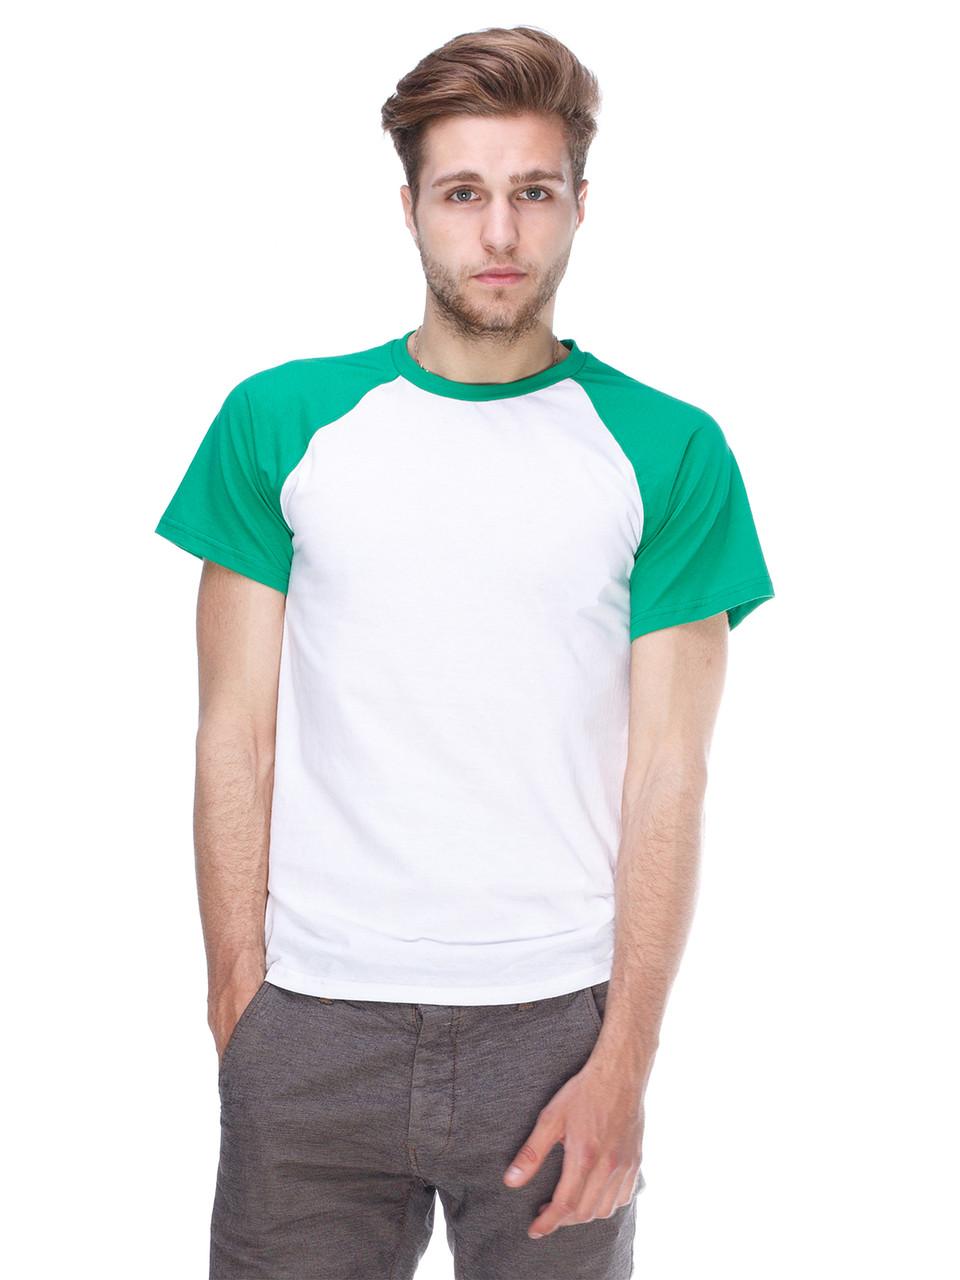 Футболка мужская реглан, бело зеленый